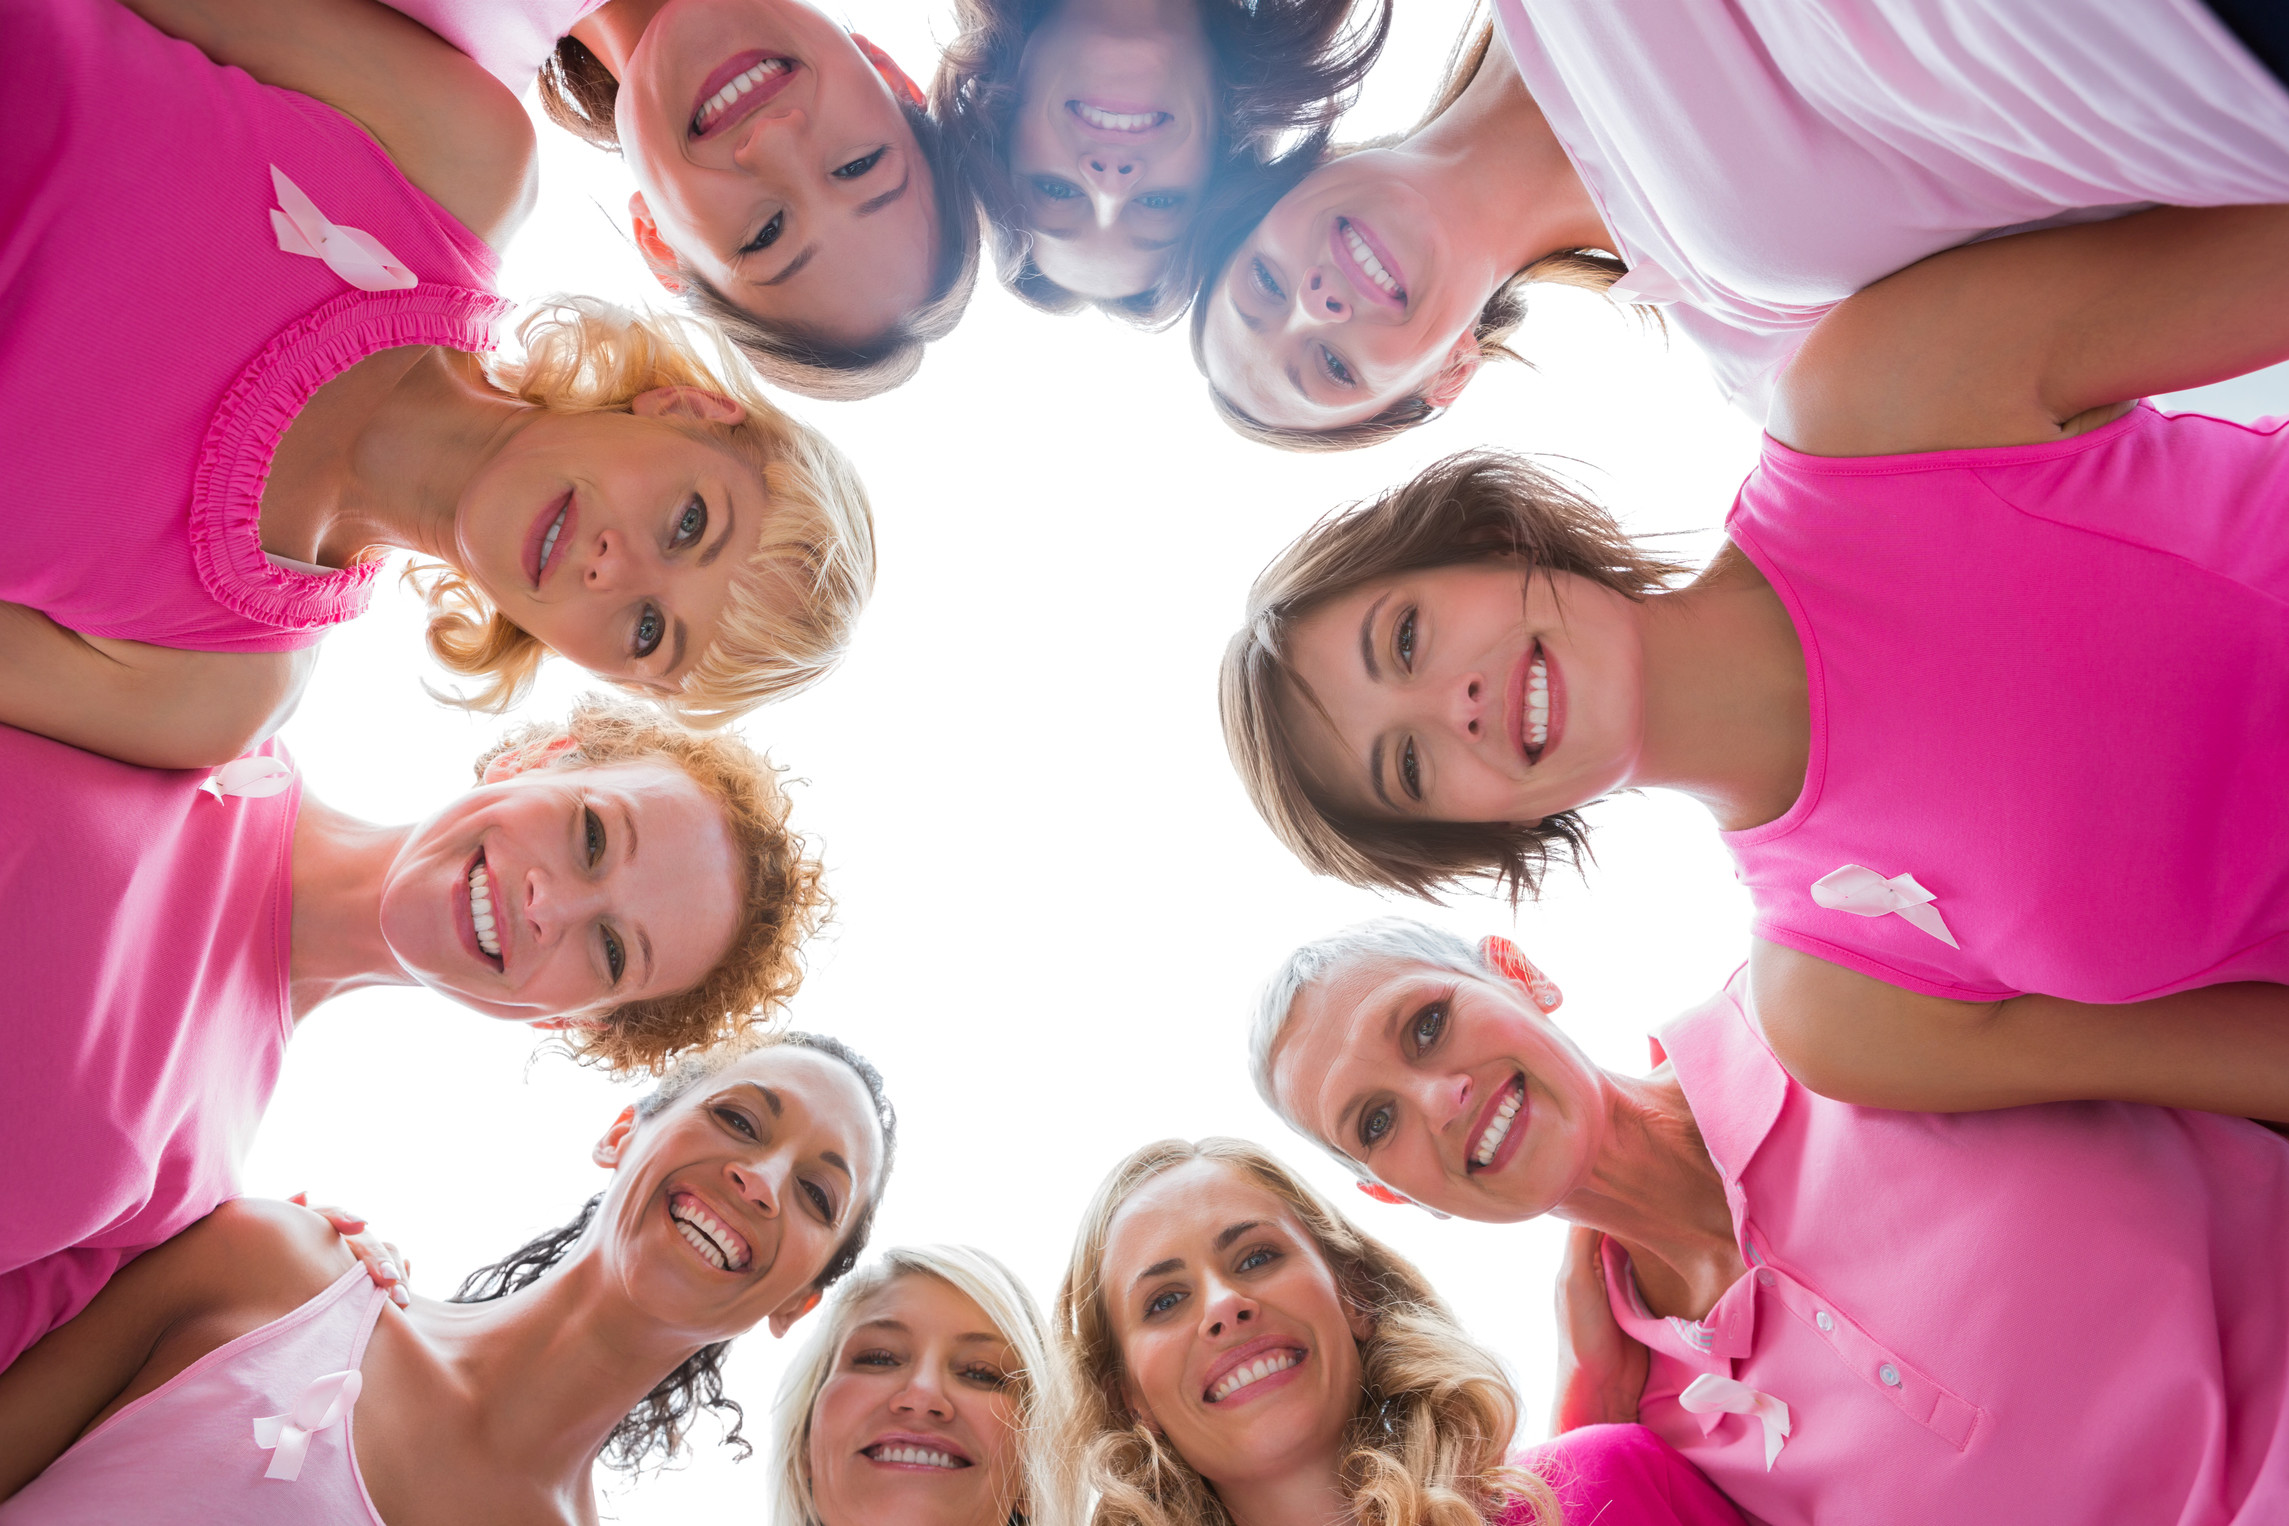 Bezmaksas psihoterapeita konsultācijas sievietēm ar krūts vēzi